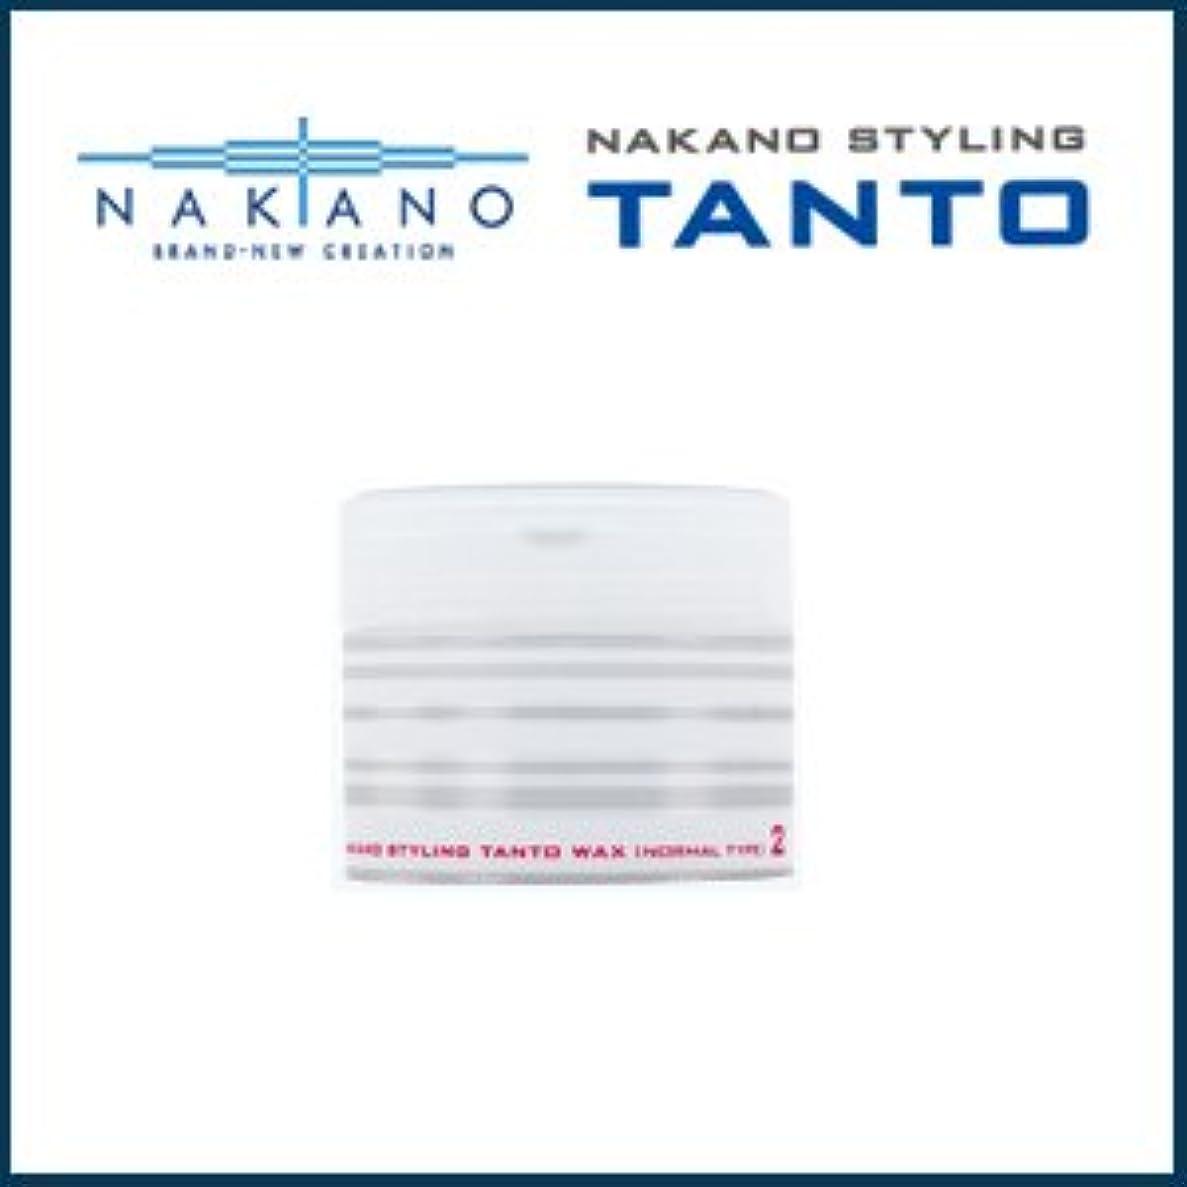 磁石正義フラフープ【X5個セット】 ナカノ タント Nワックス 2 ノーマルタイプ 90g 容器入り